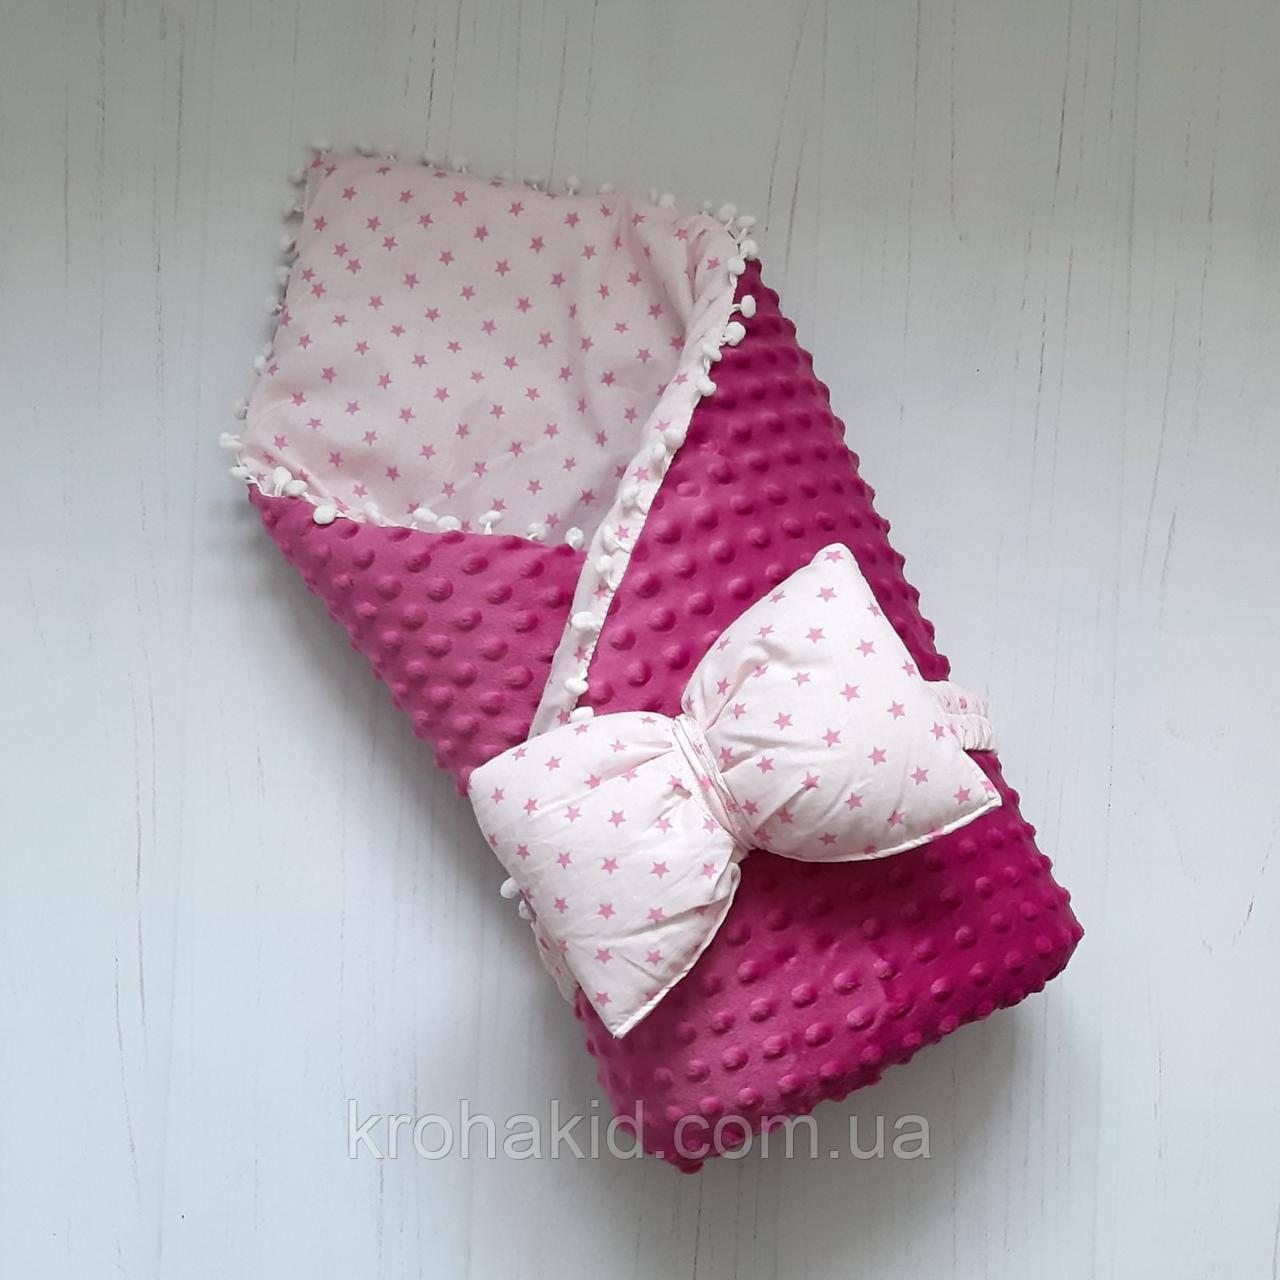 """Детский демисезонный конверт на выписку """"Минки"""", конверт-одеяло, нарядный конверт на выписку (ВЕСНА/ ОСЕНЬ)"""